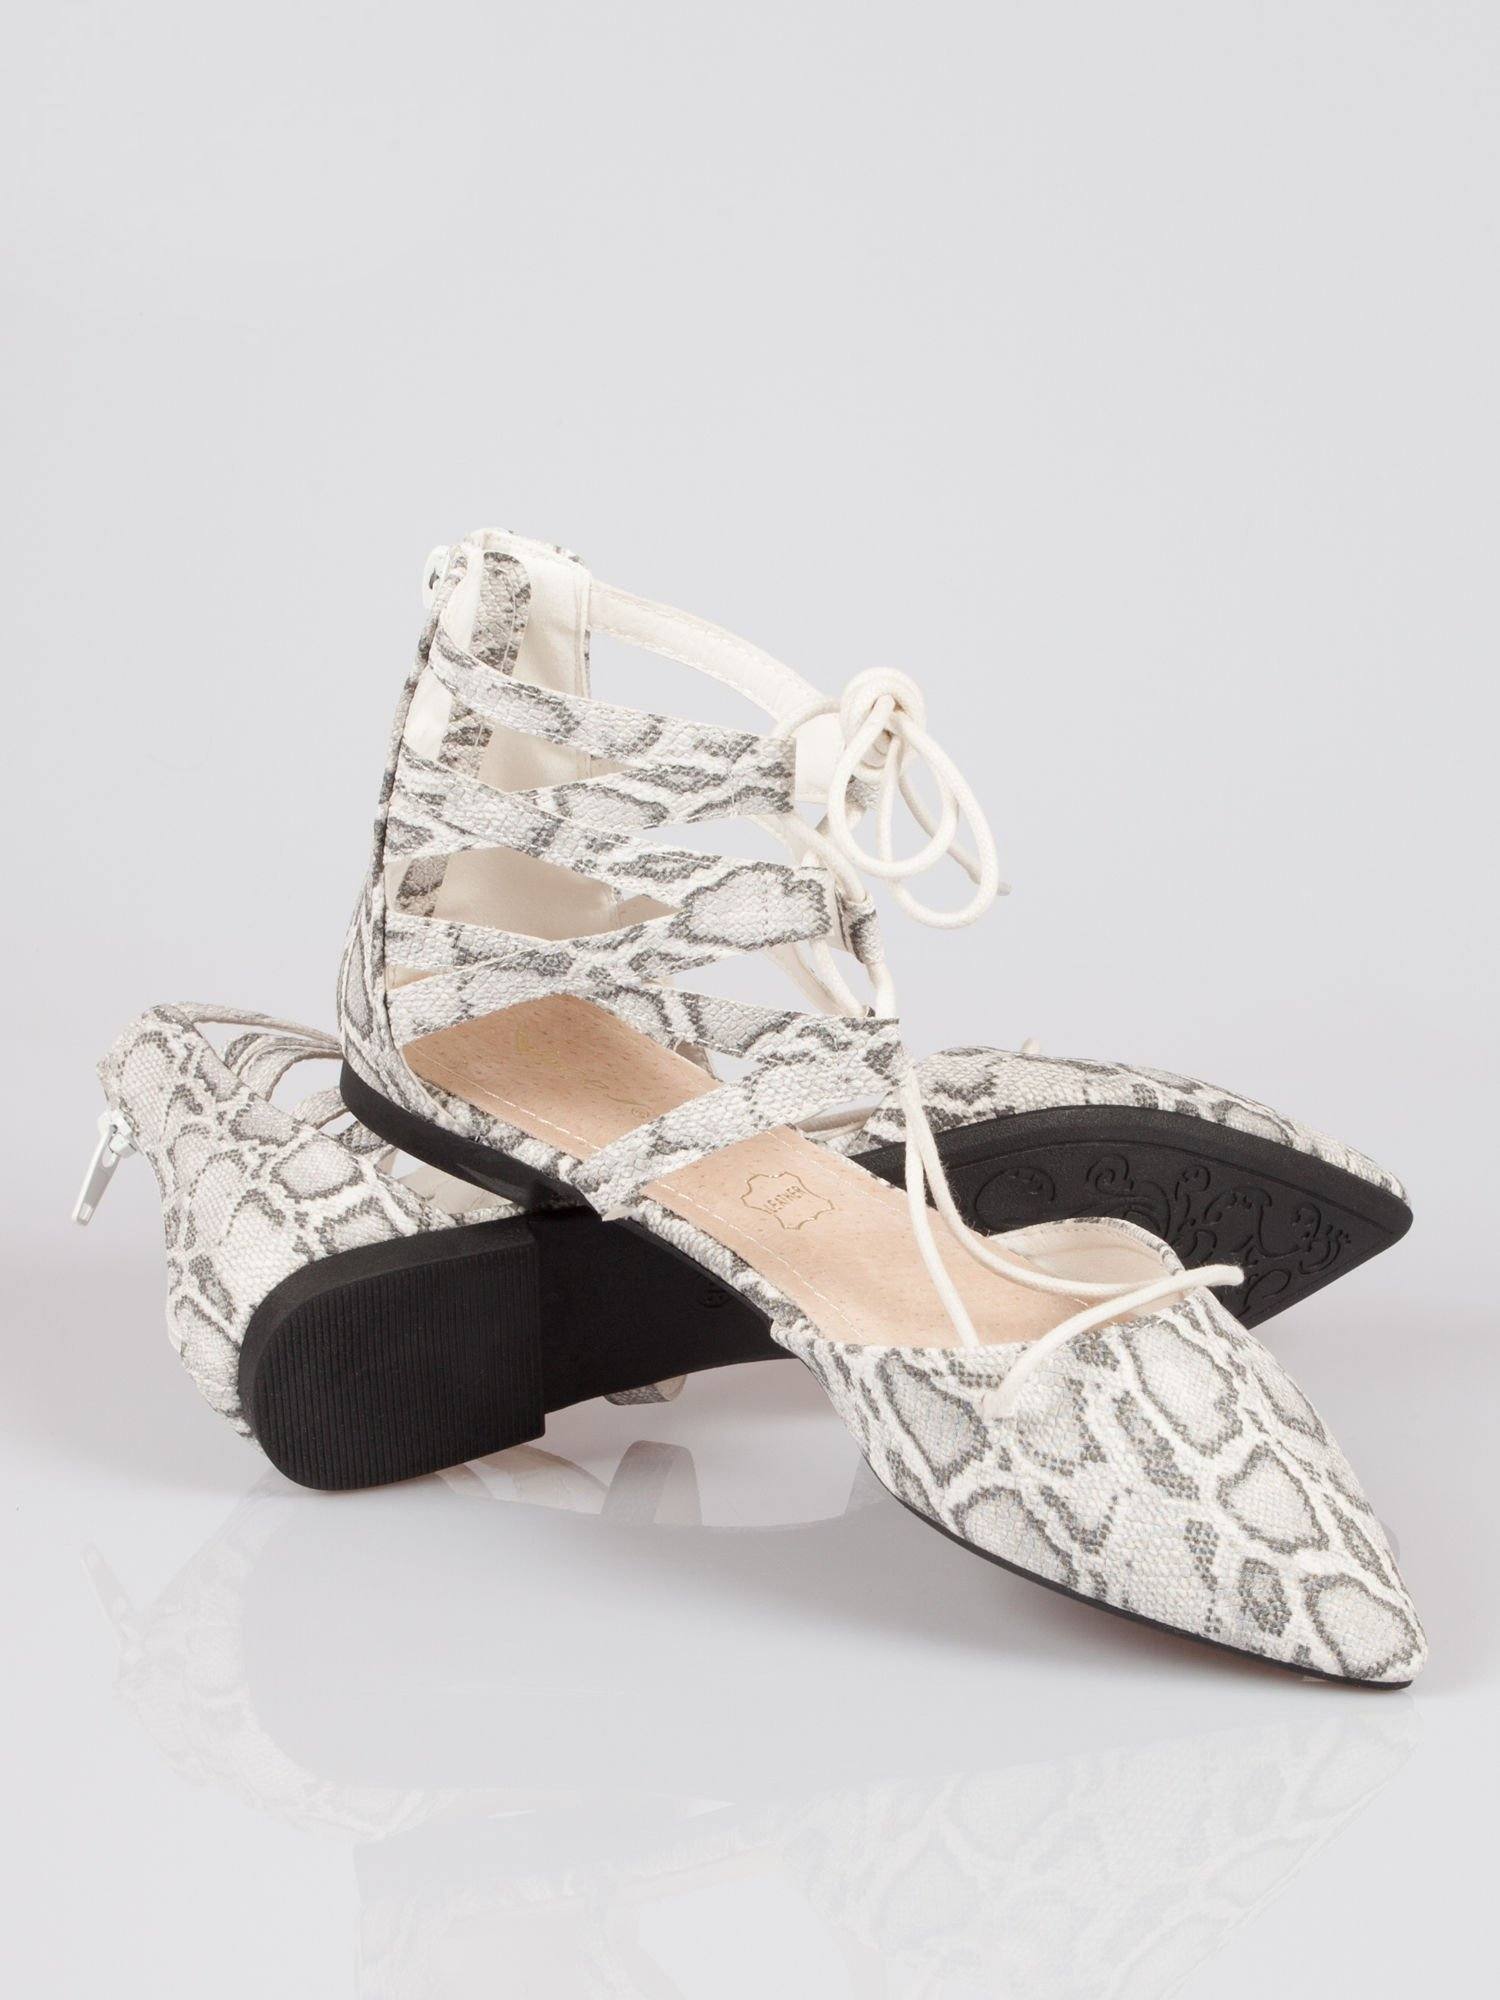 Wężowe baleriny faux suede Taylor lace up z wiązaniem                                  zdj.                                  3